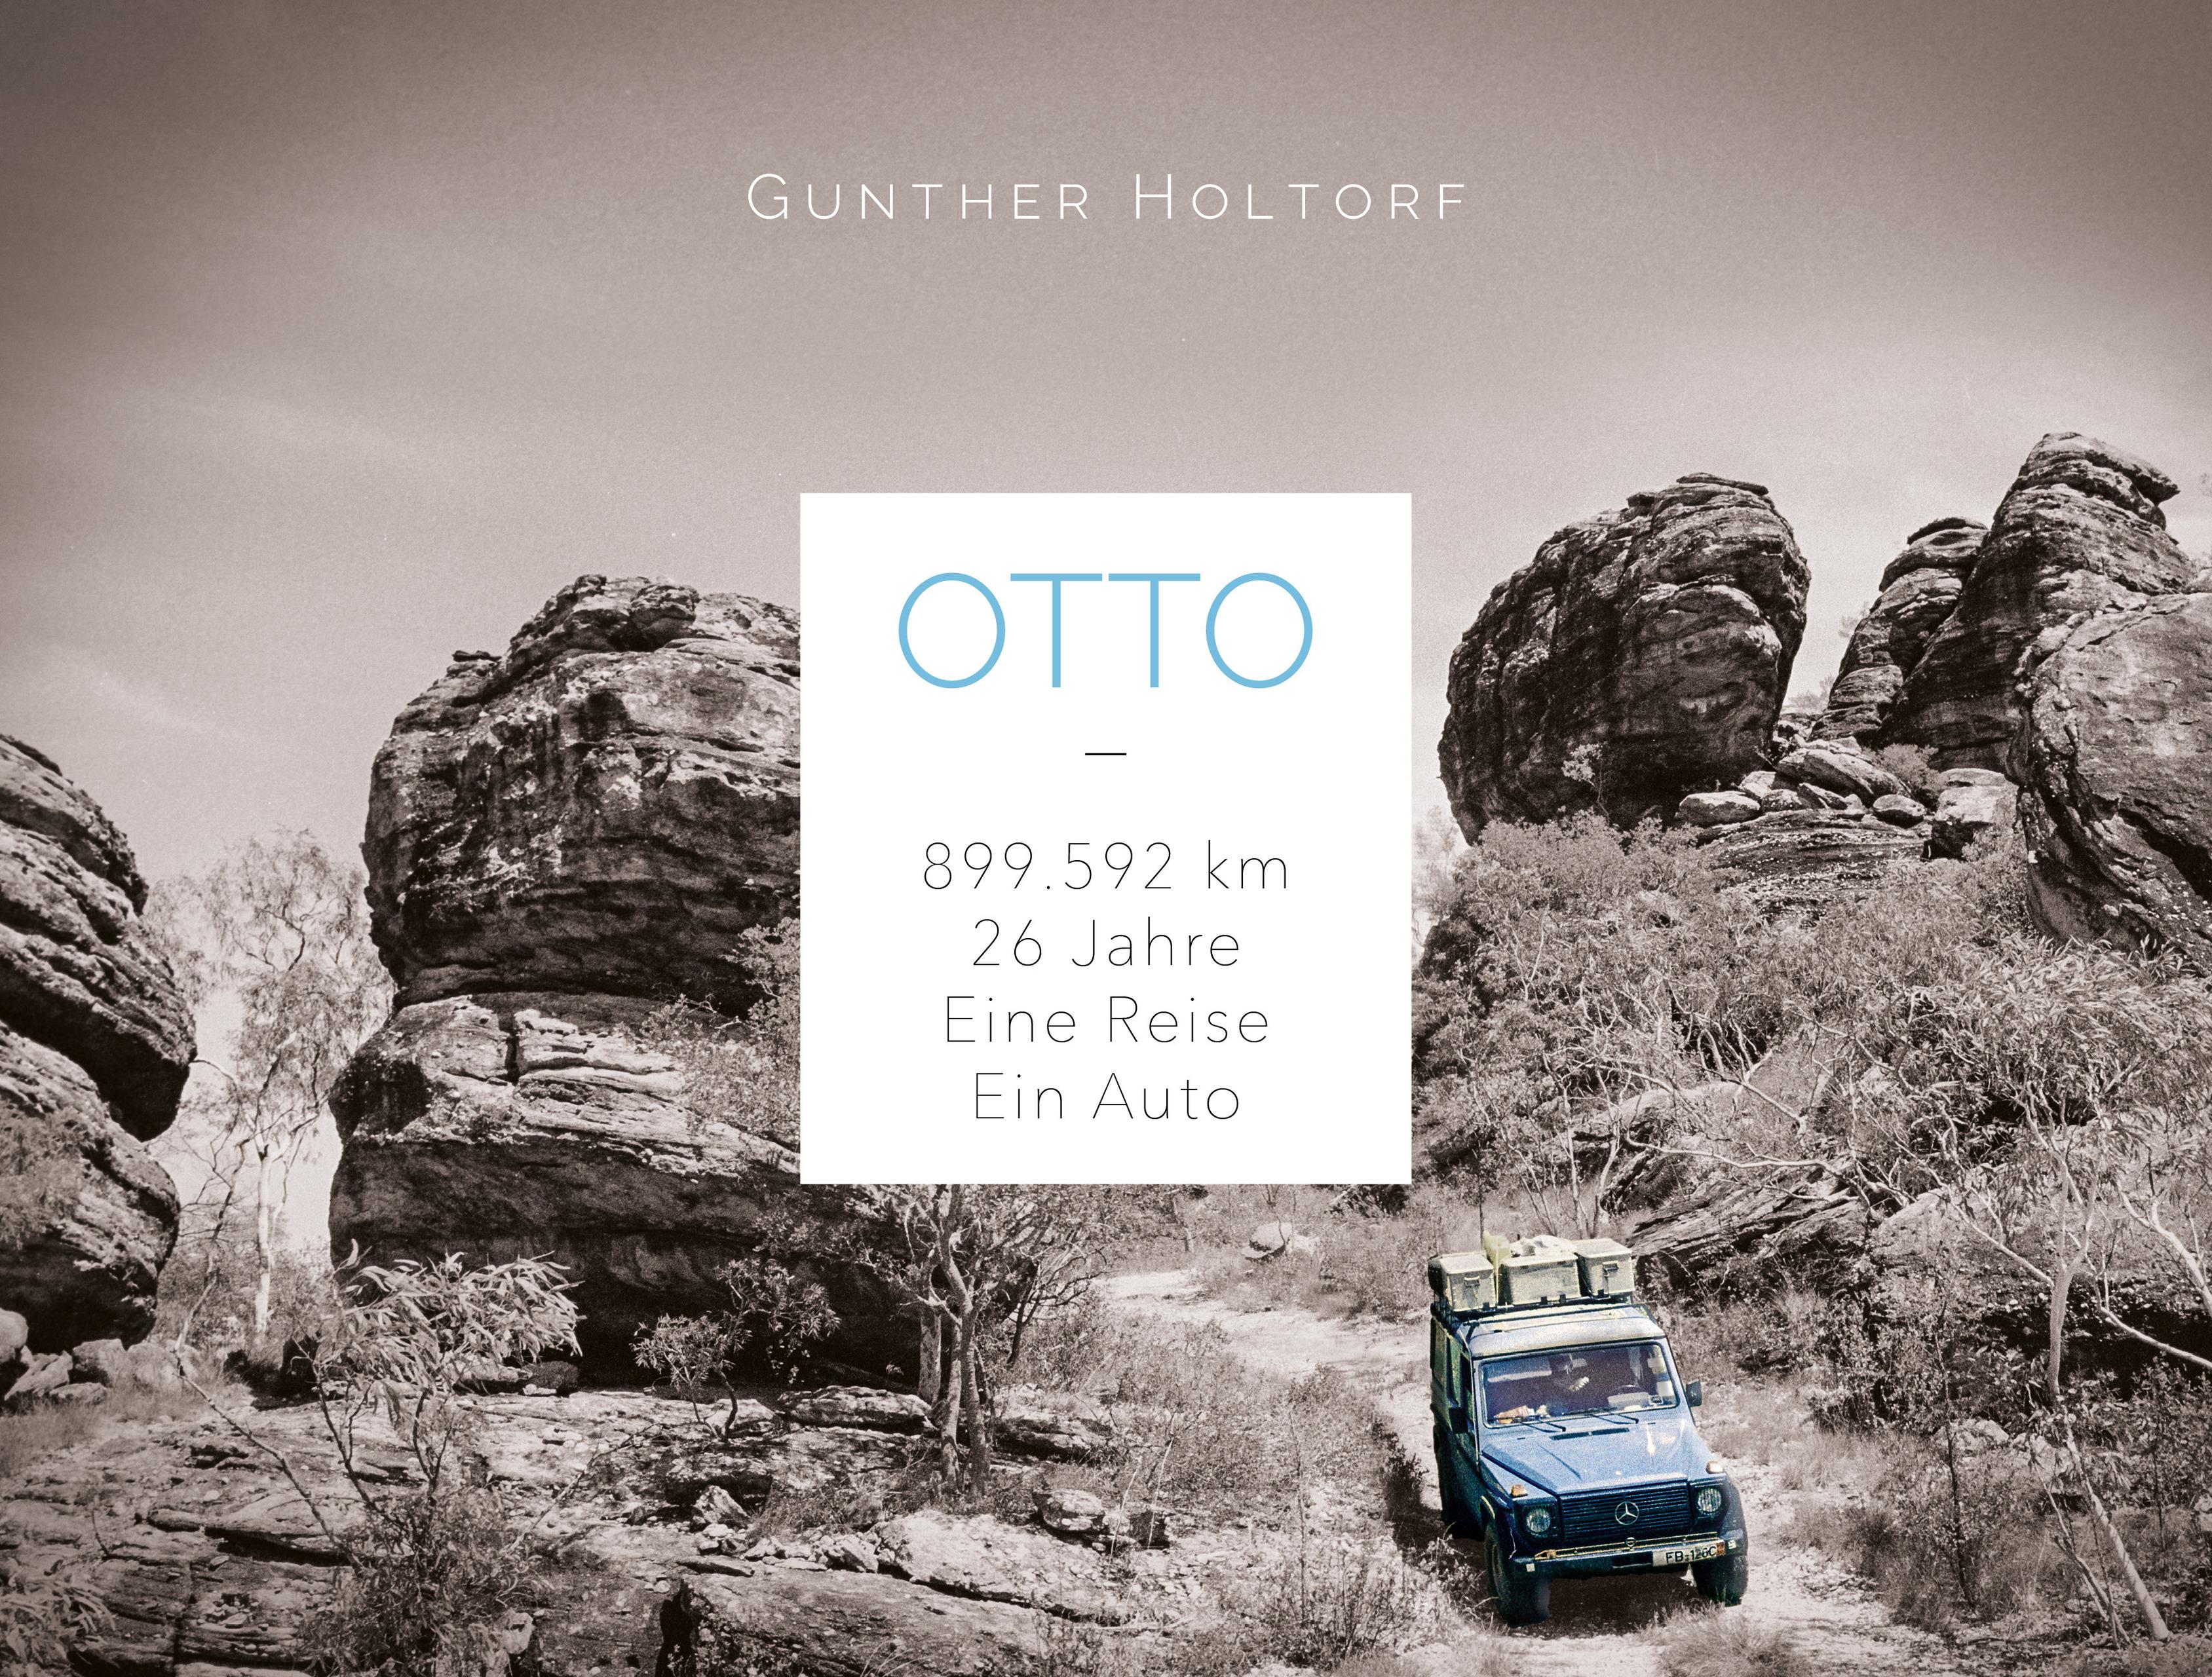 Outdoor Küche Otto : Buchvorstellung: otto: 899.592 km 26 jahre eine reise ein auto